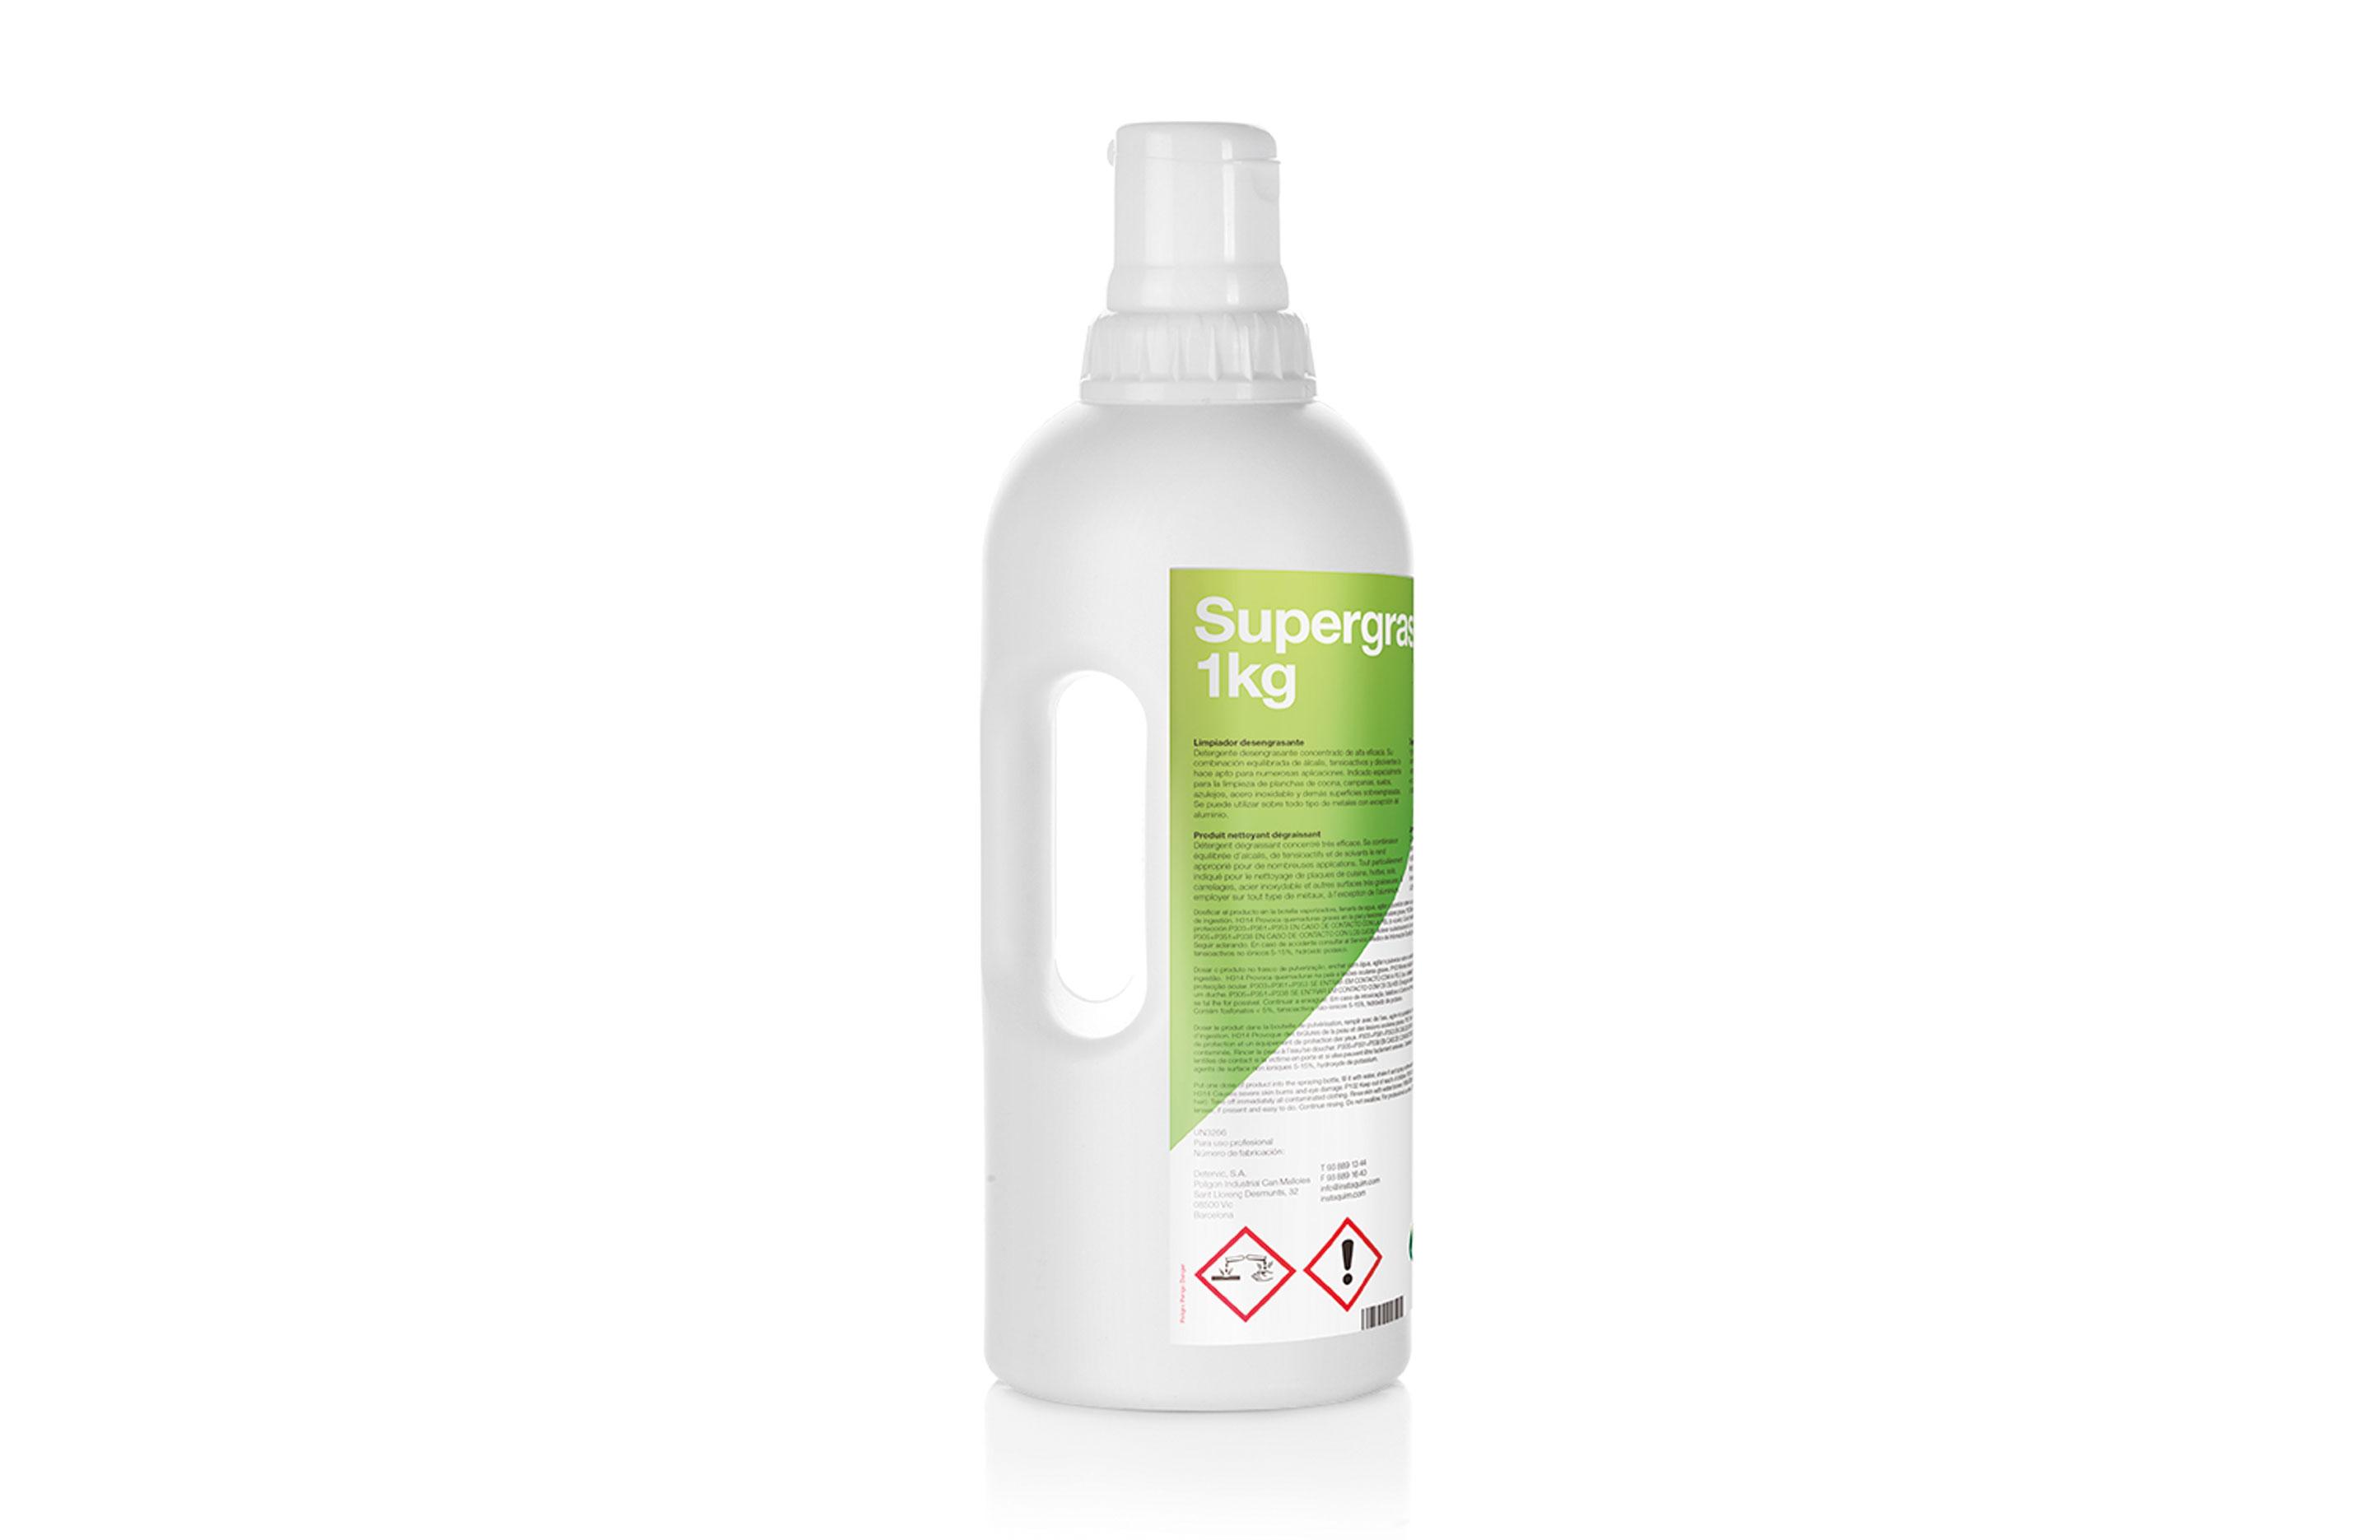 Supergrass, limpiador desengrasante - Autodosis.